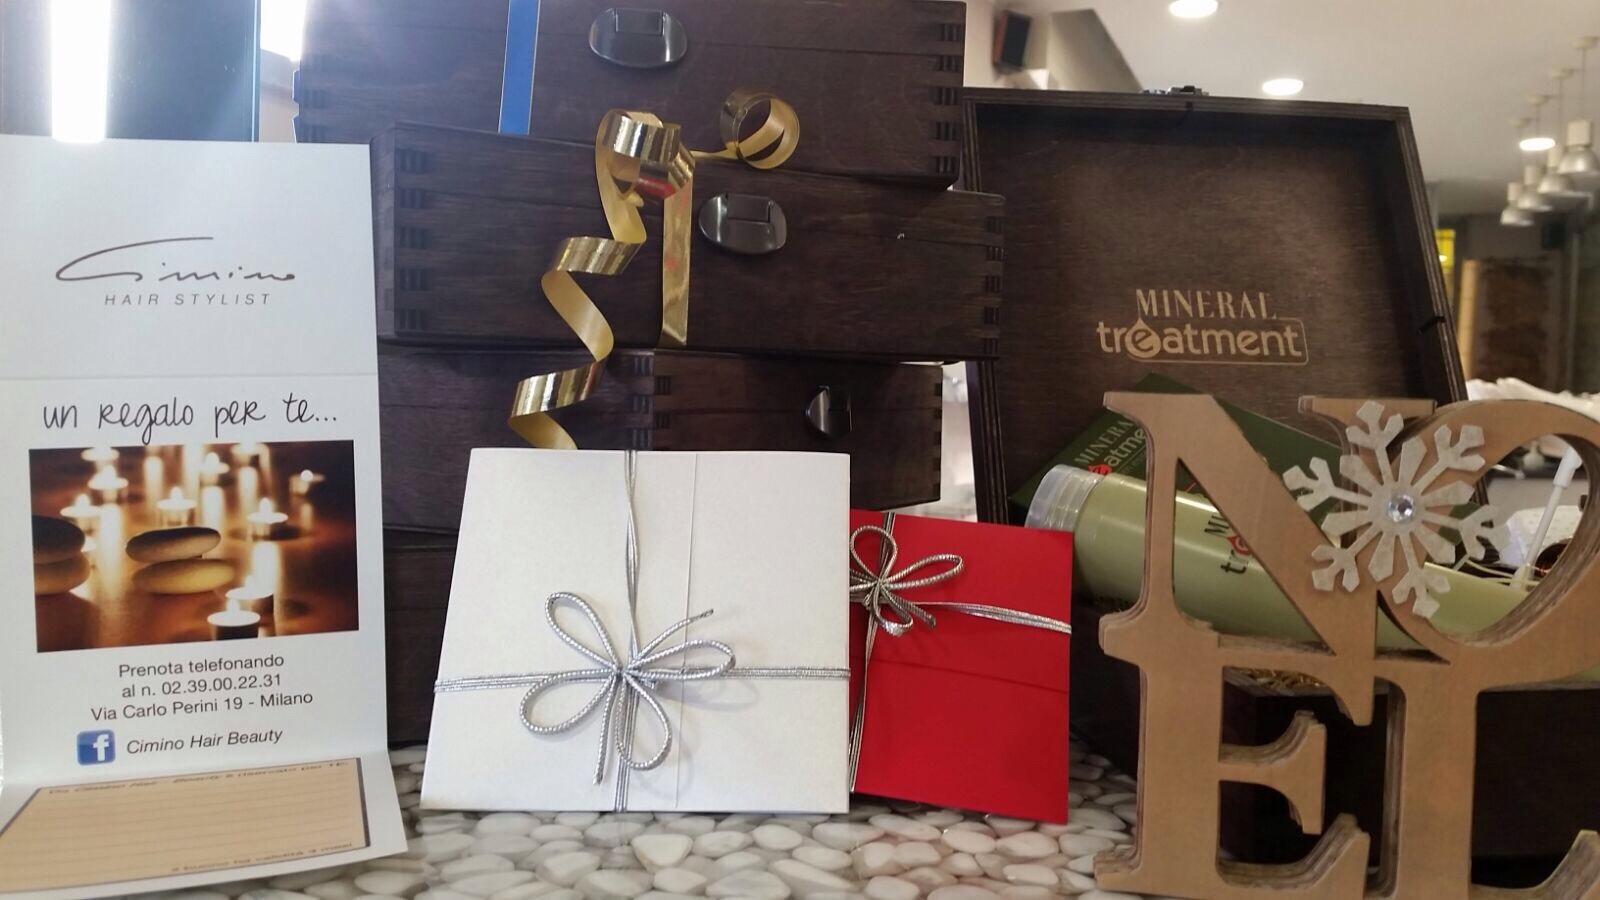 Populaire buoni regalo centro estetico Fabio Cimino, idee regalo natale 2015  FI84